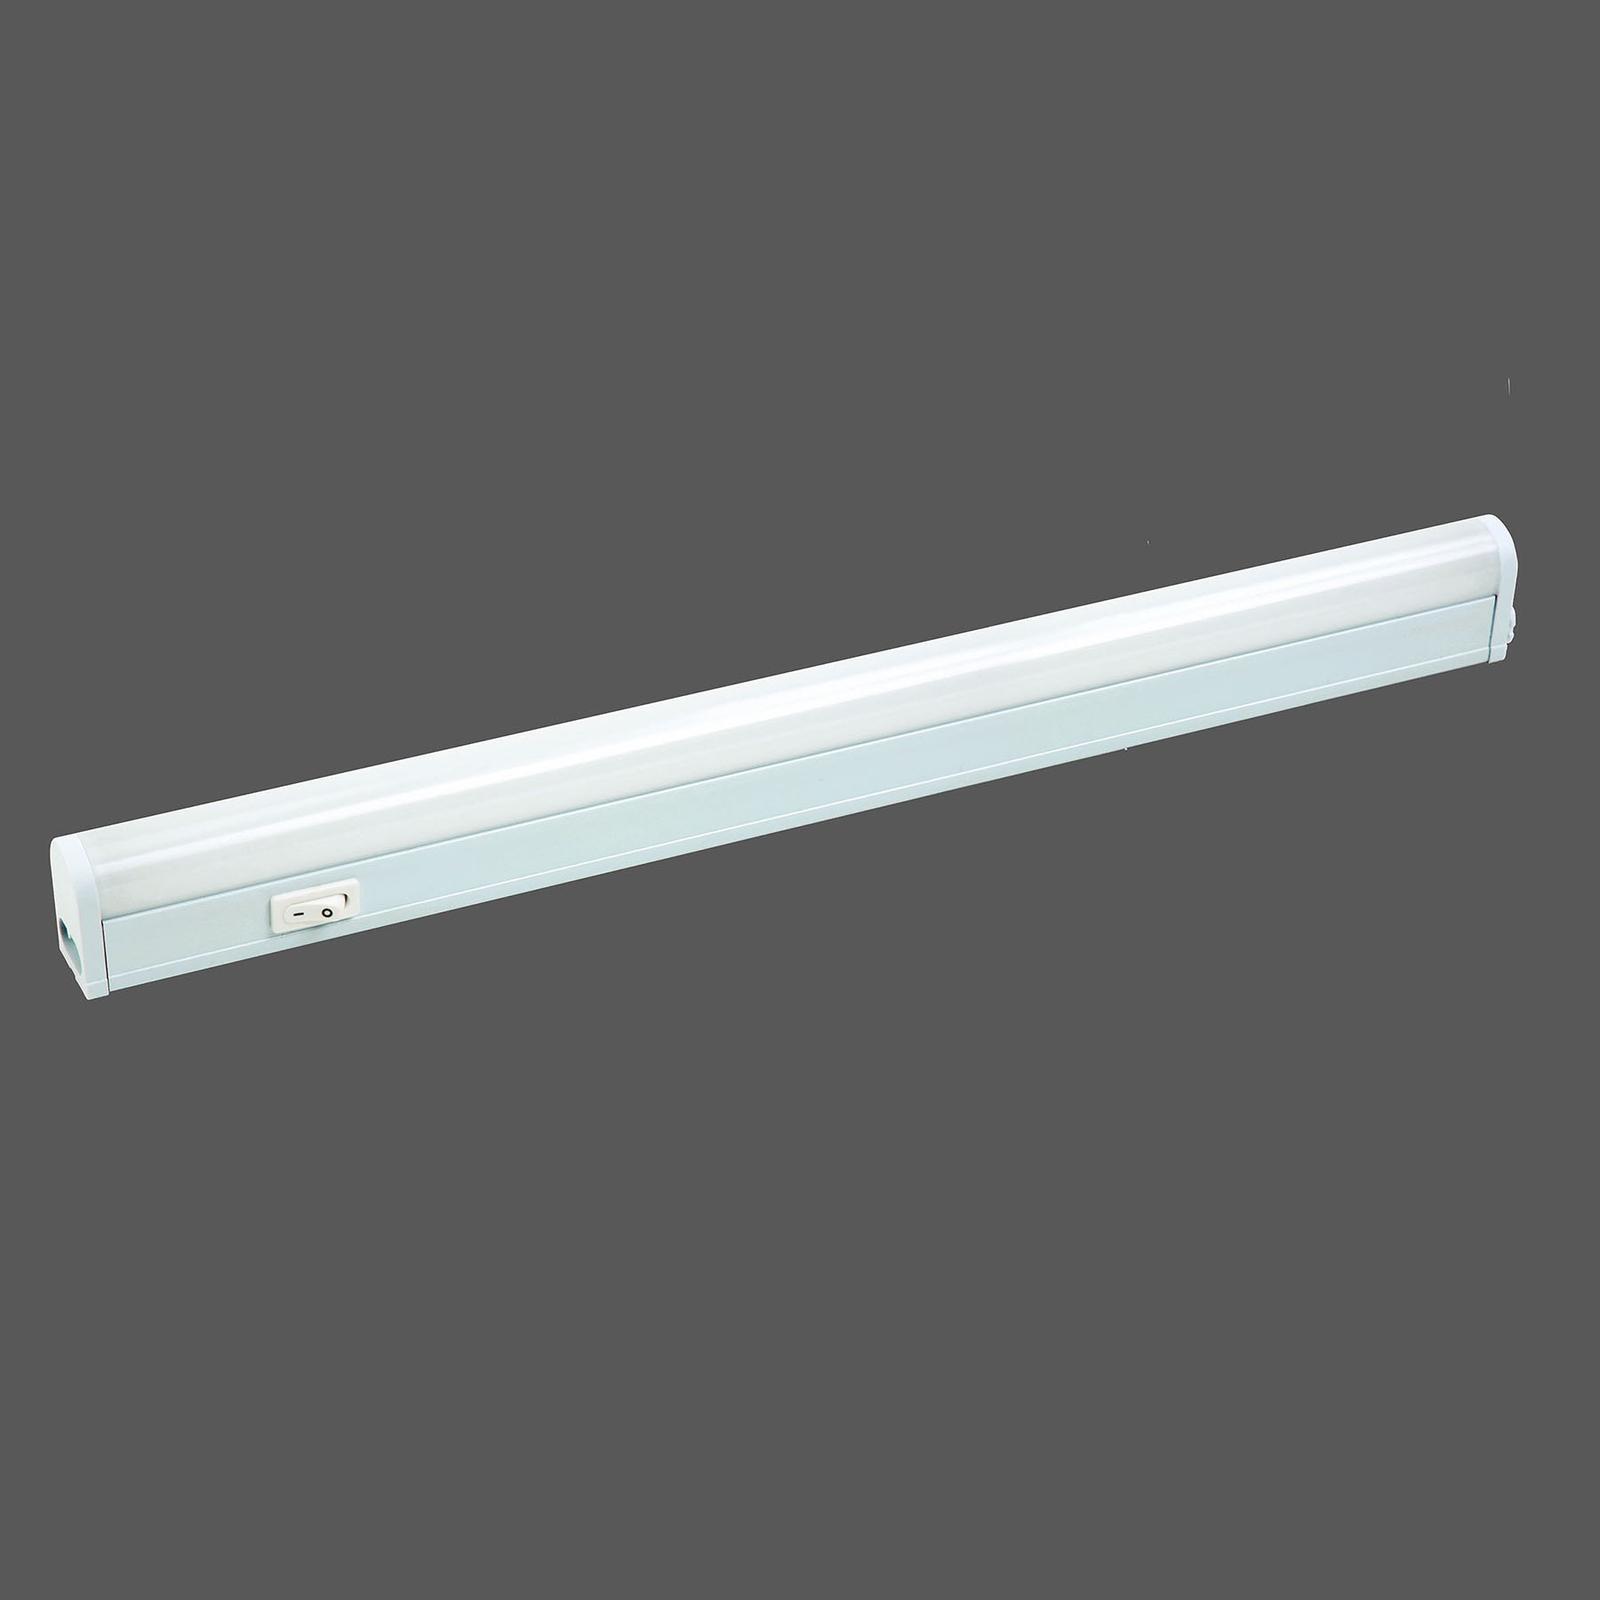 LED-lyslist 980, lengde 87,5 cm